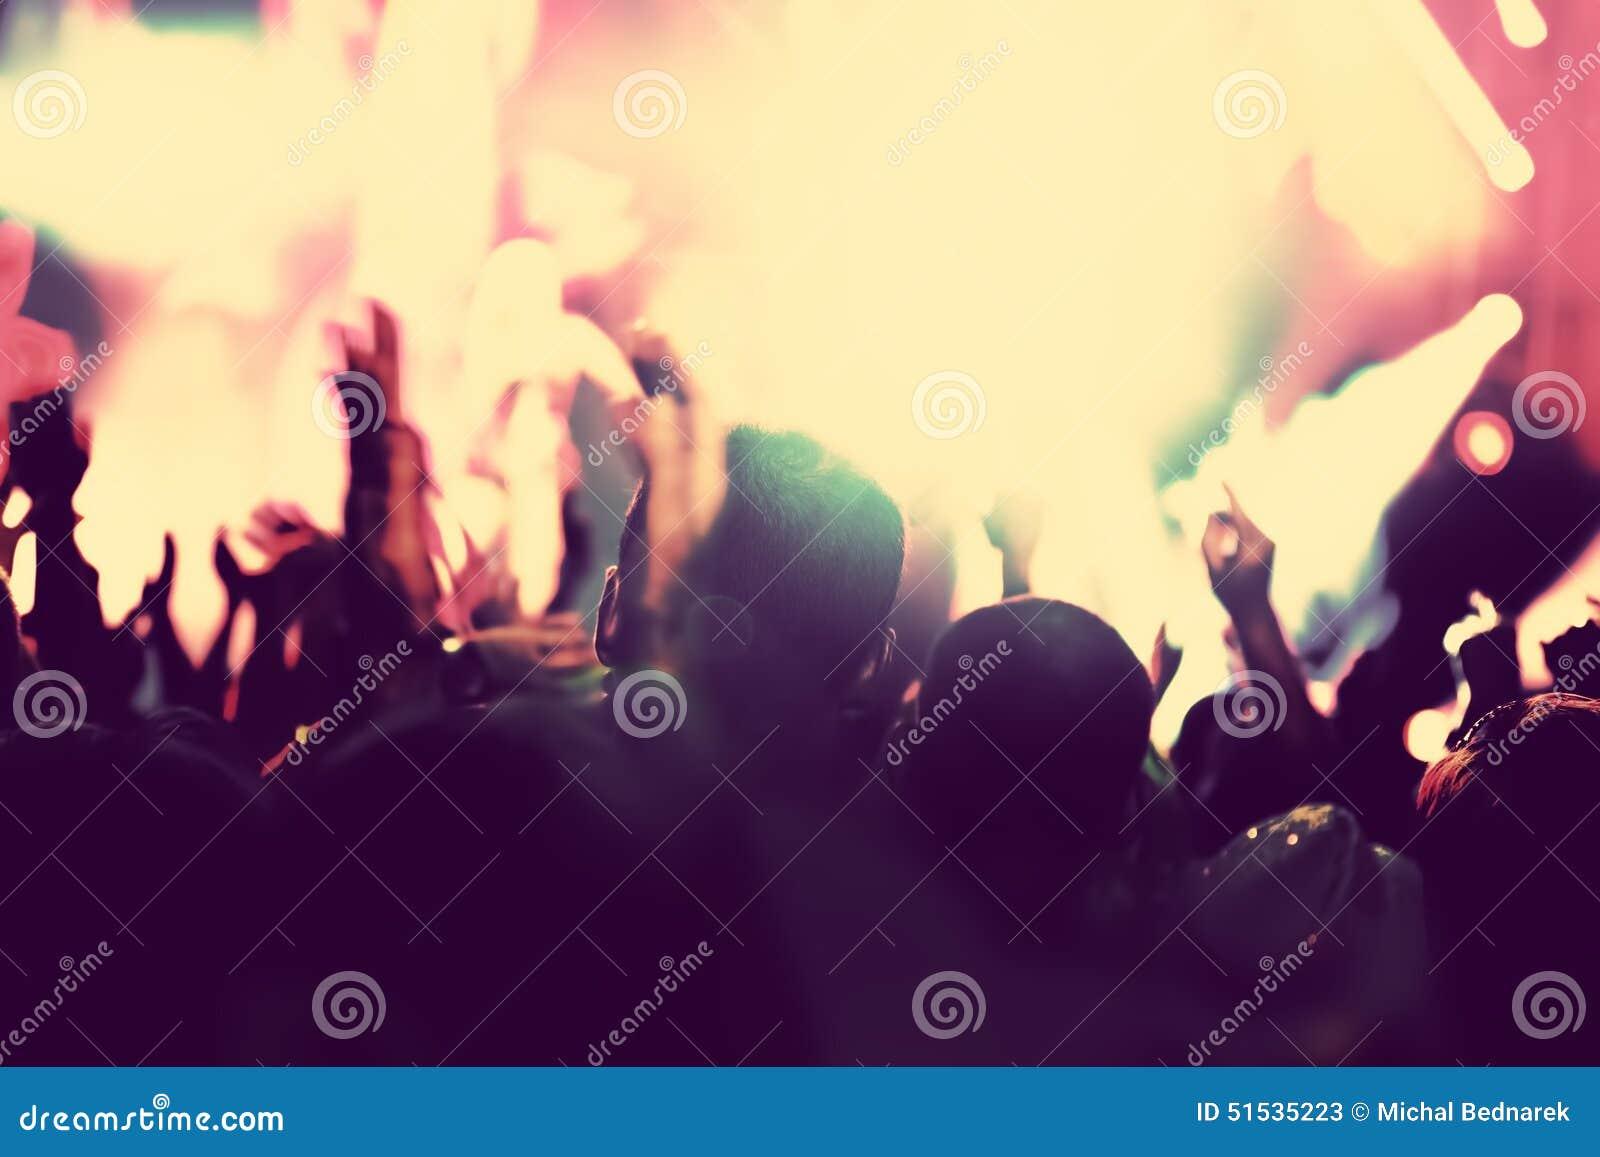 Konzert, Discopartei Leute mit den Händen oben im Nachtclub